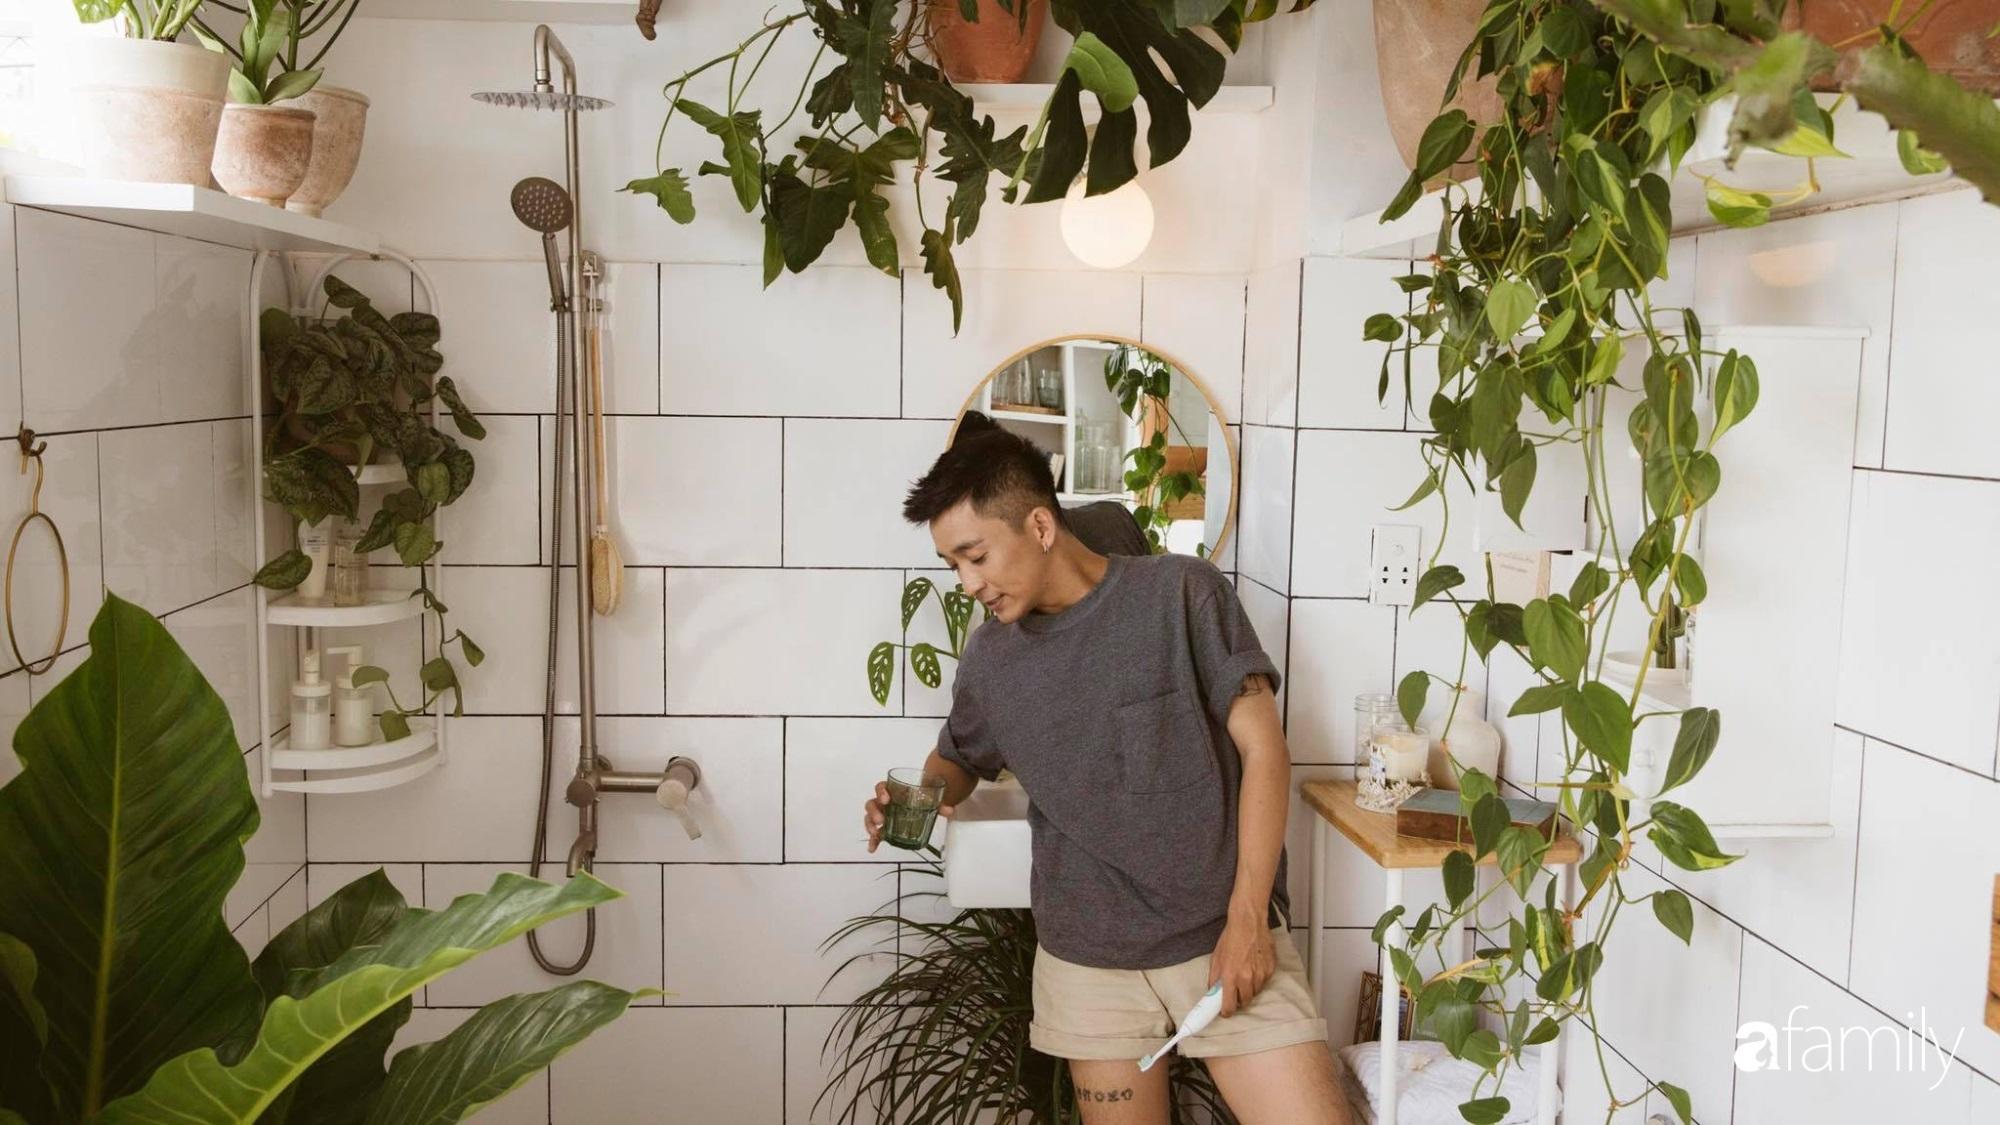 Chàng trai 9x không ngại 'canh sale' mua đồ giá rẻ để cải tạo lại căn hộ của mình ở Sài Gòn - Ảnh 8